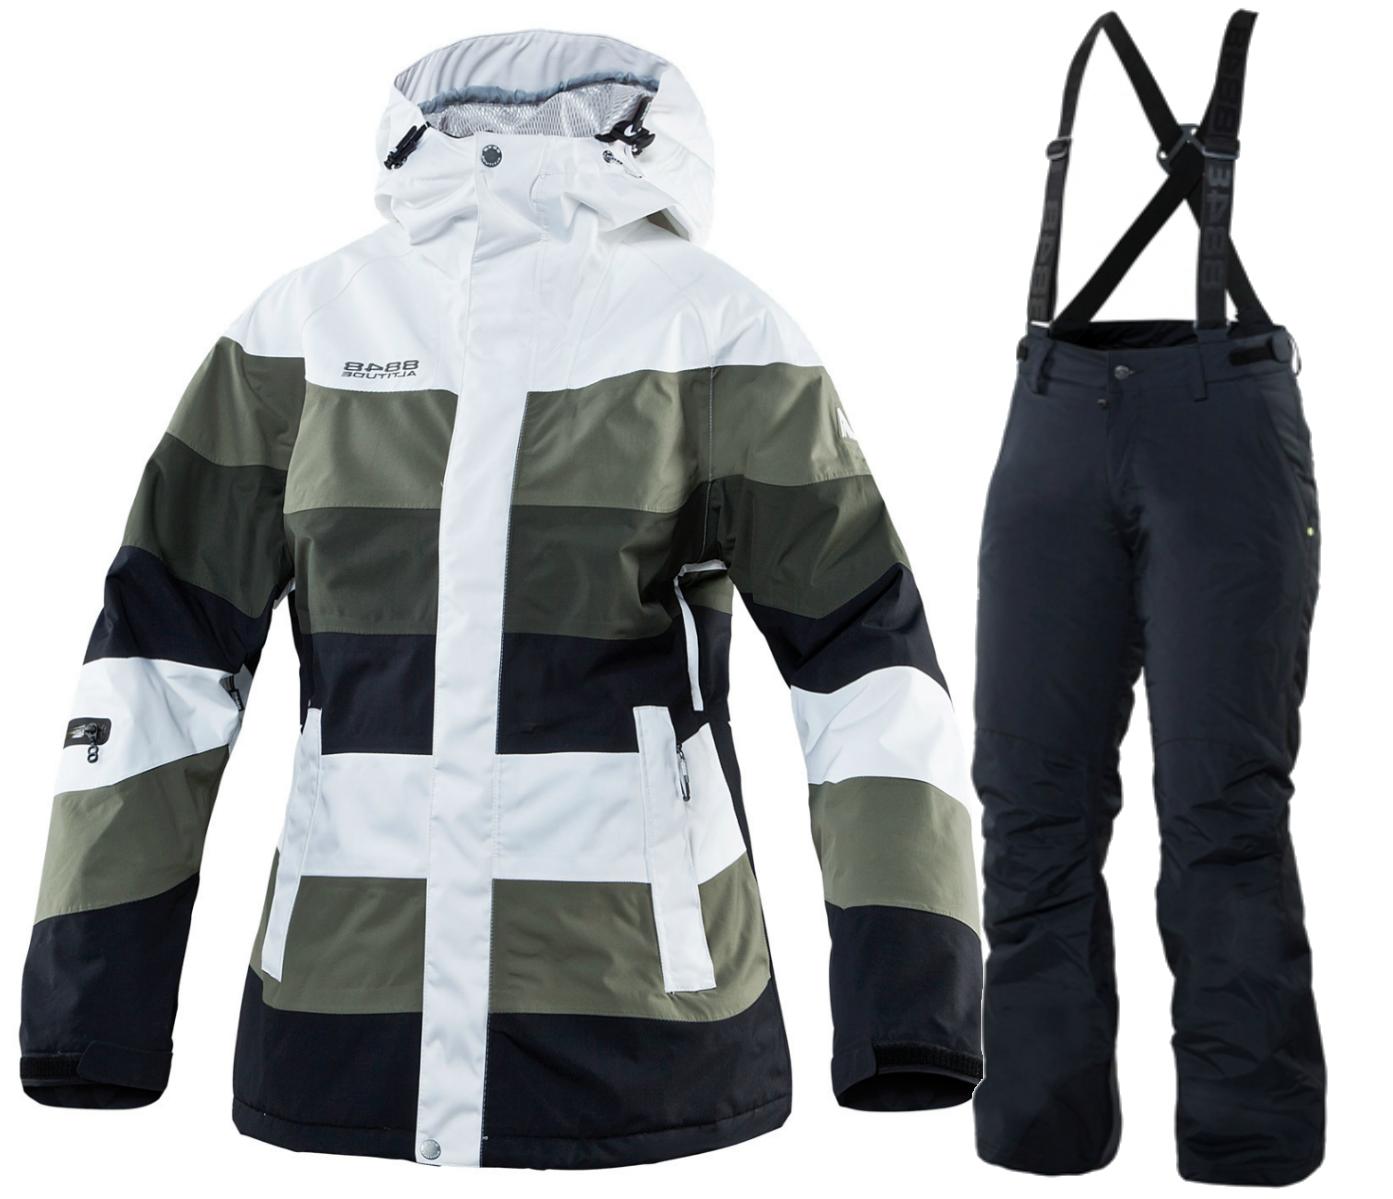 Горнолыжный костюм 8848 Altitude Army/Wanna